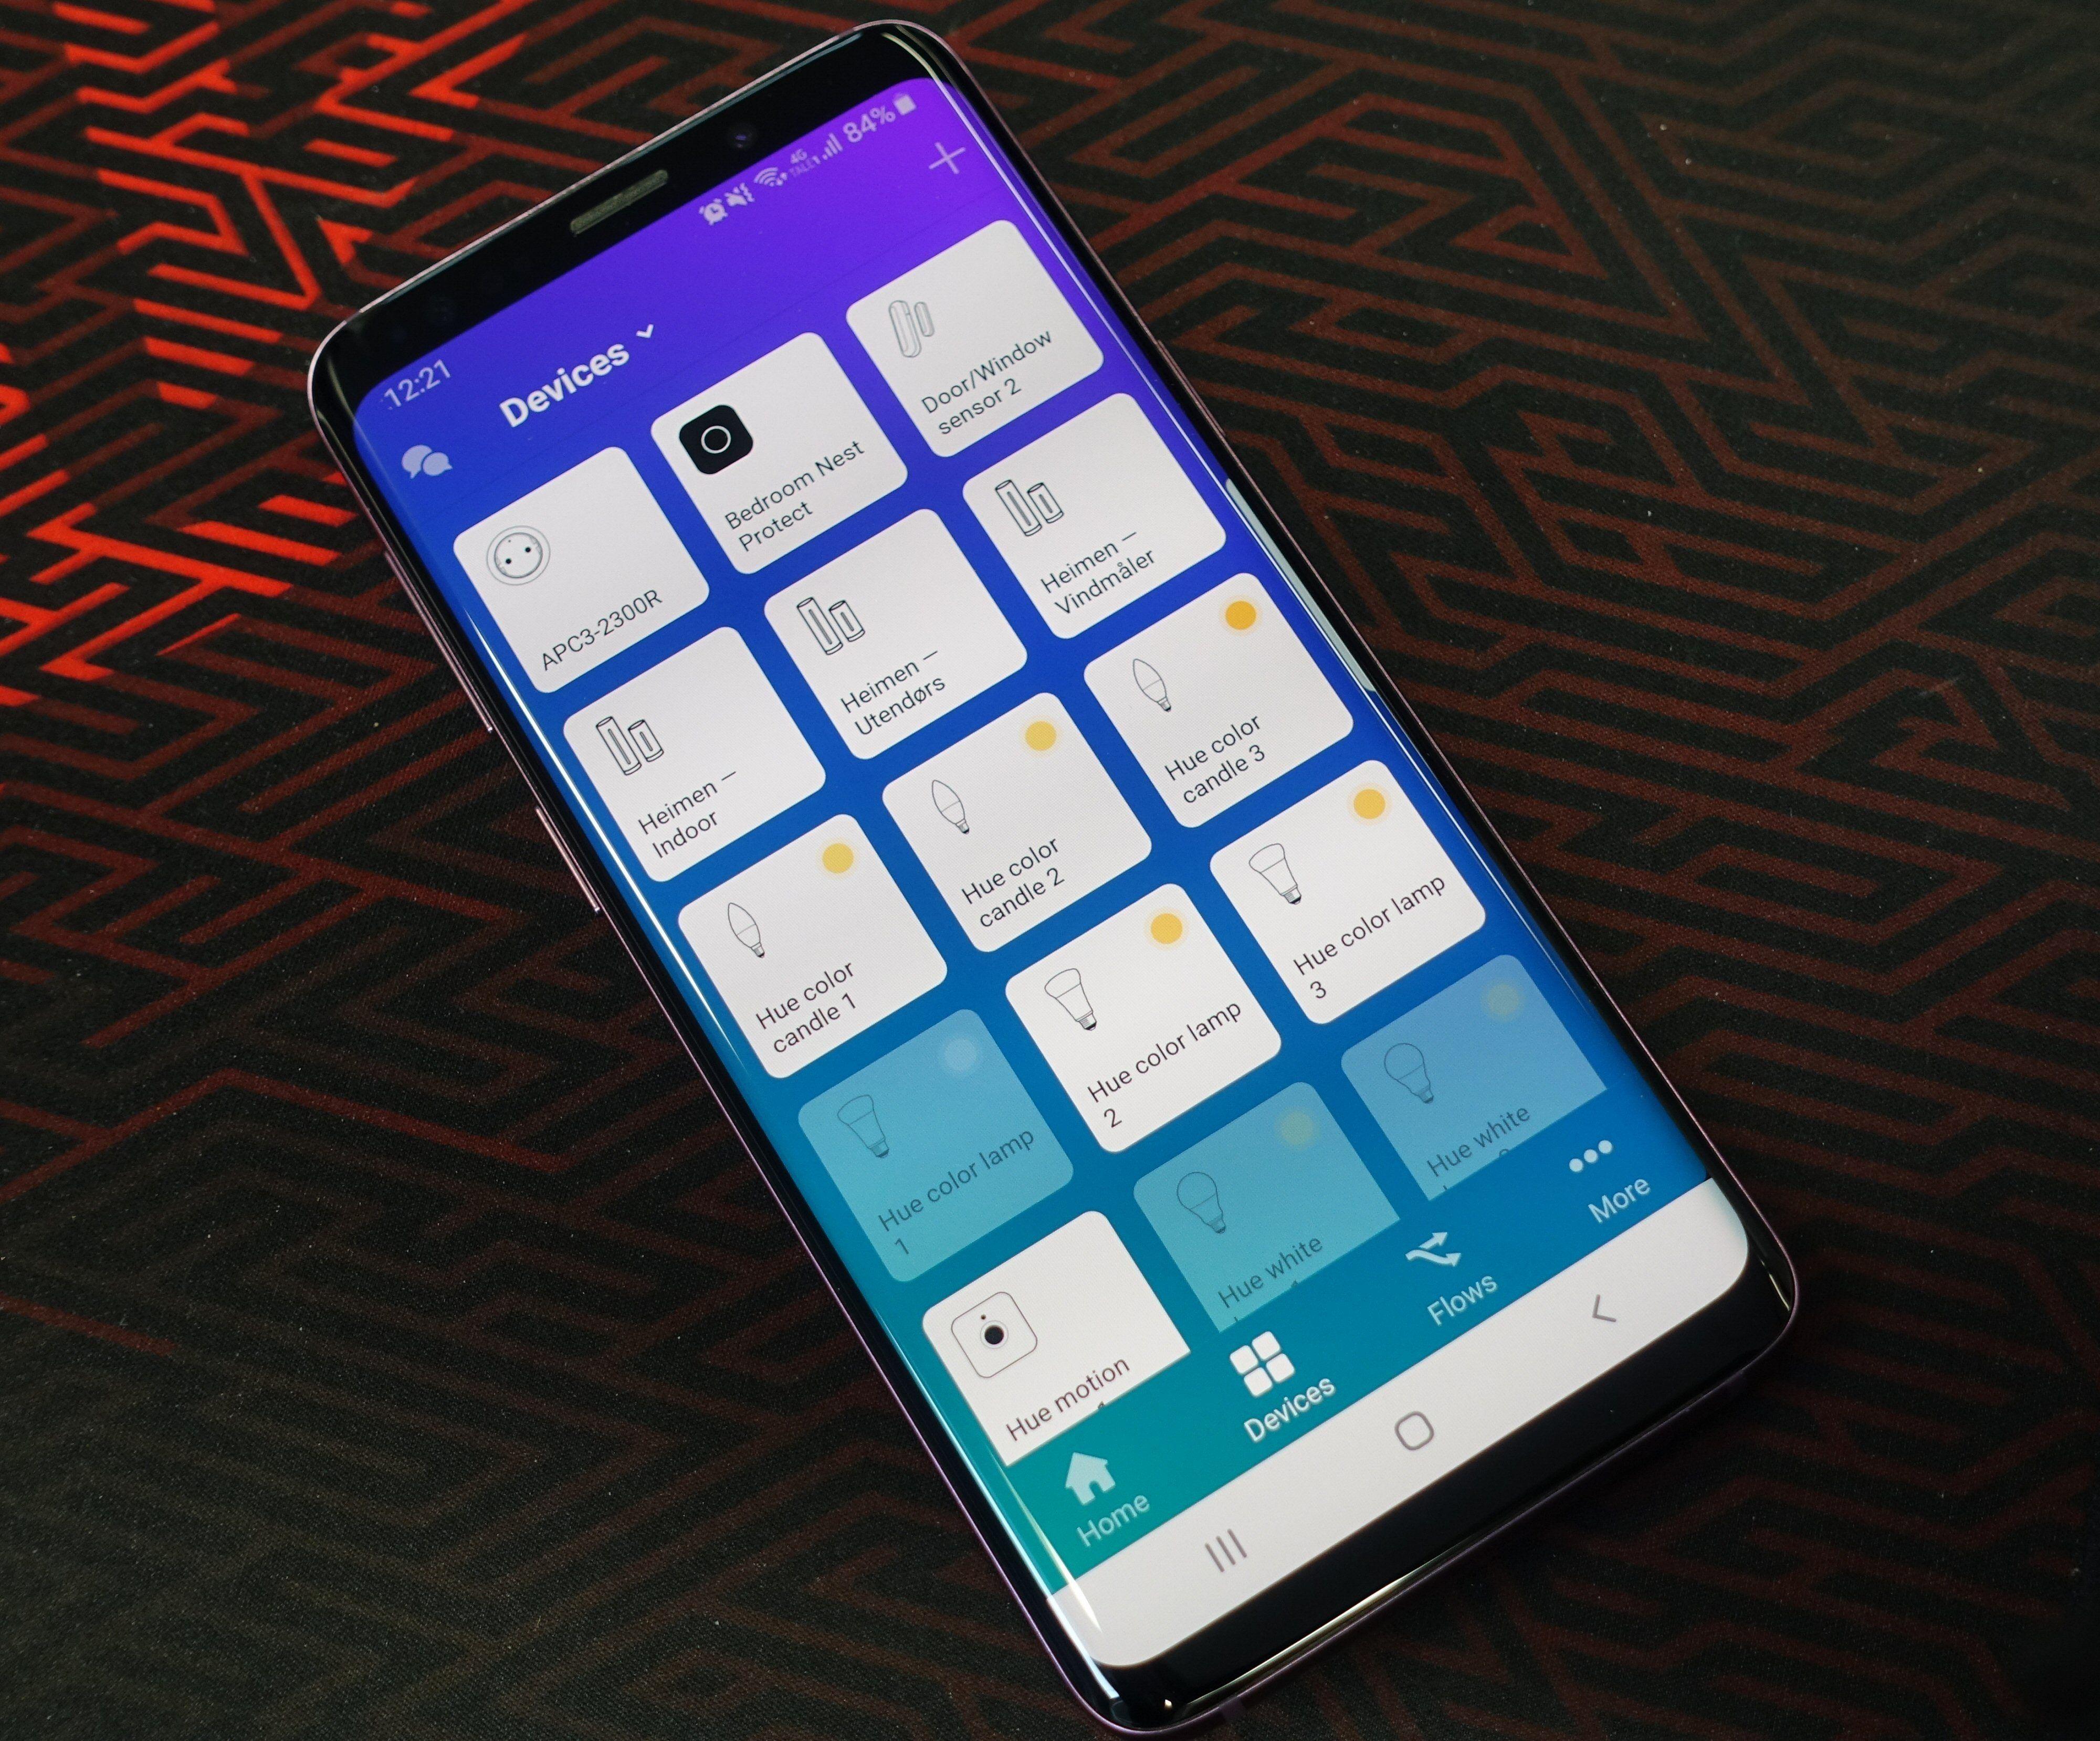 I Homey-appen får vi oversikt og tilgang på tilknyttede smarte enheter. Men like god kontroll som med enhetenes dedikerte apper får vi sjelden.